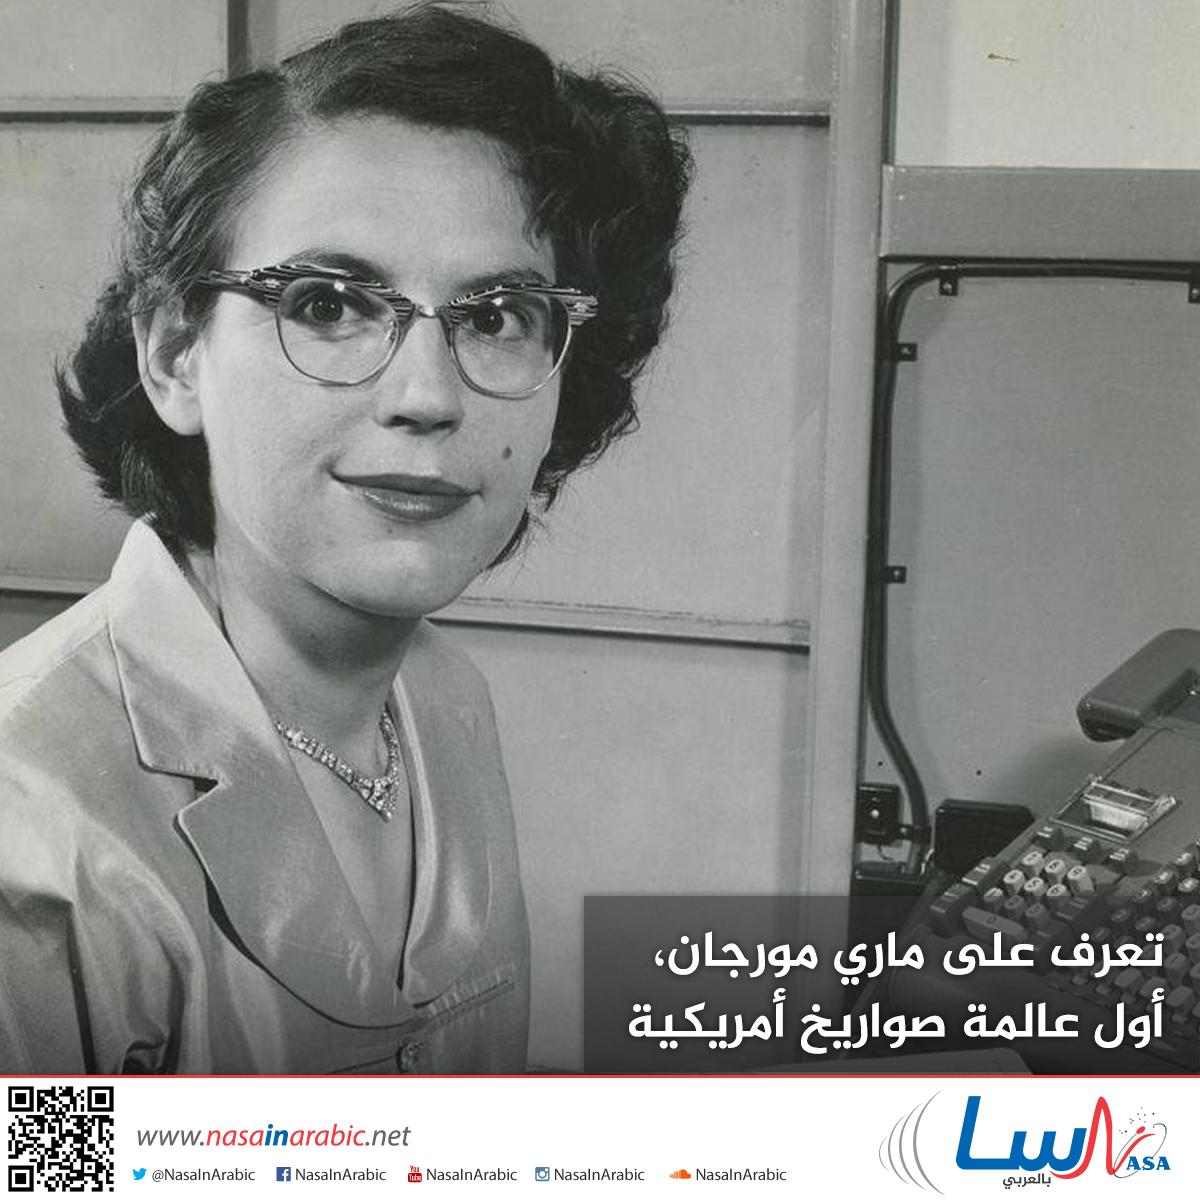 تعرف على ماري مورجان، أول عالمة صواريخ أمريكية